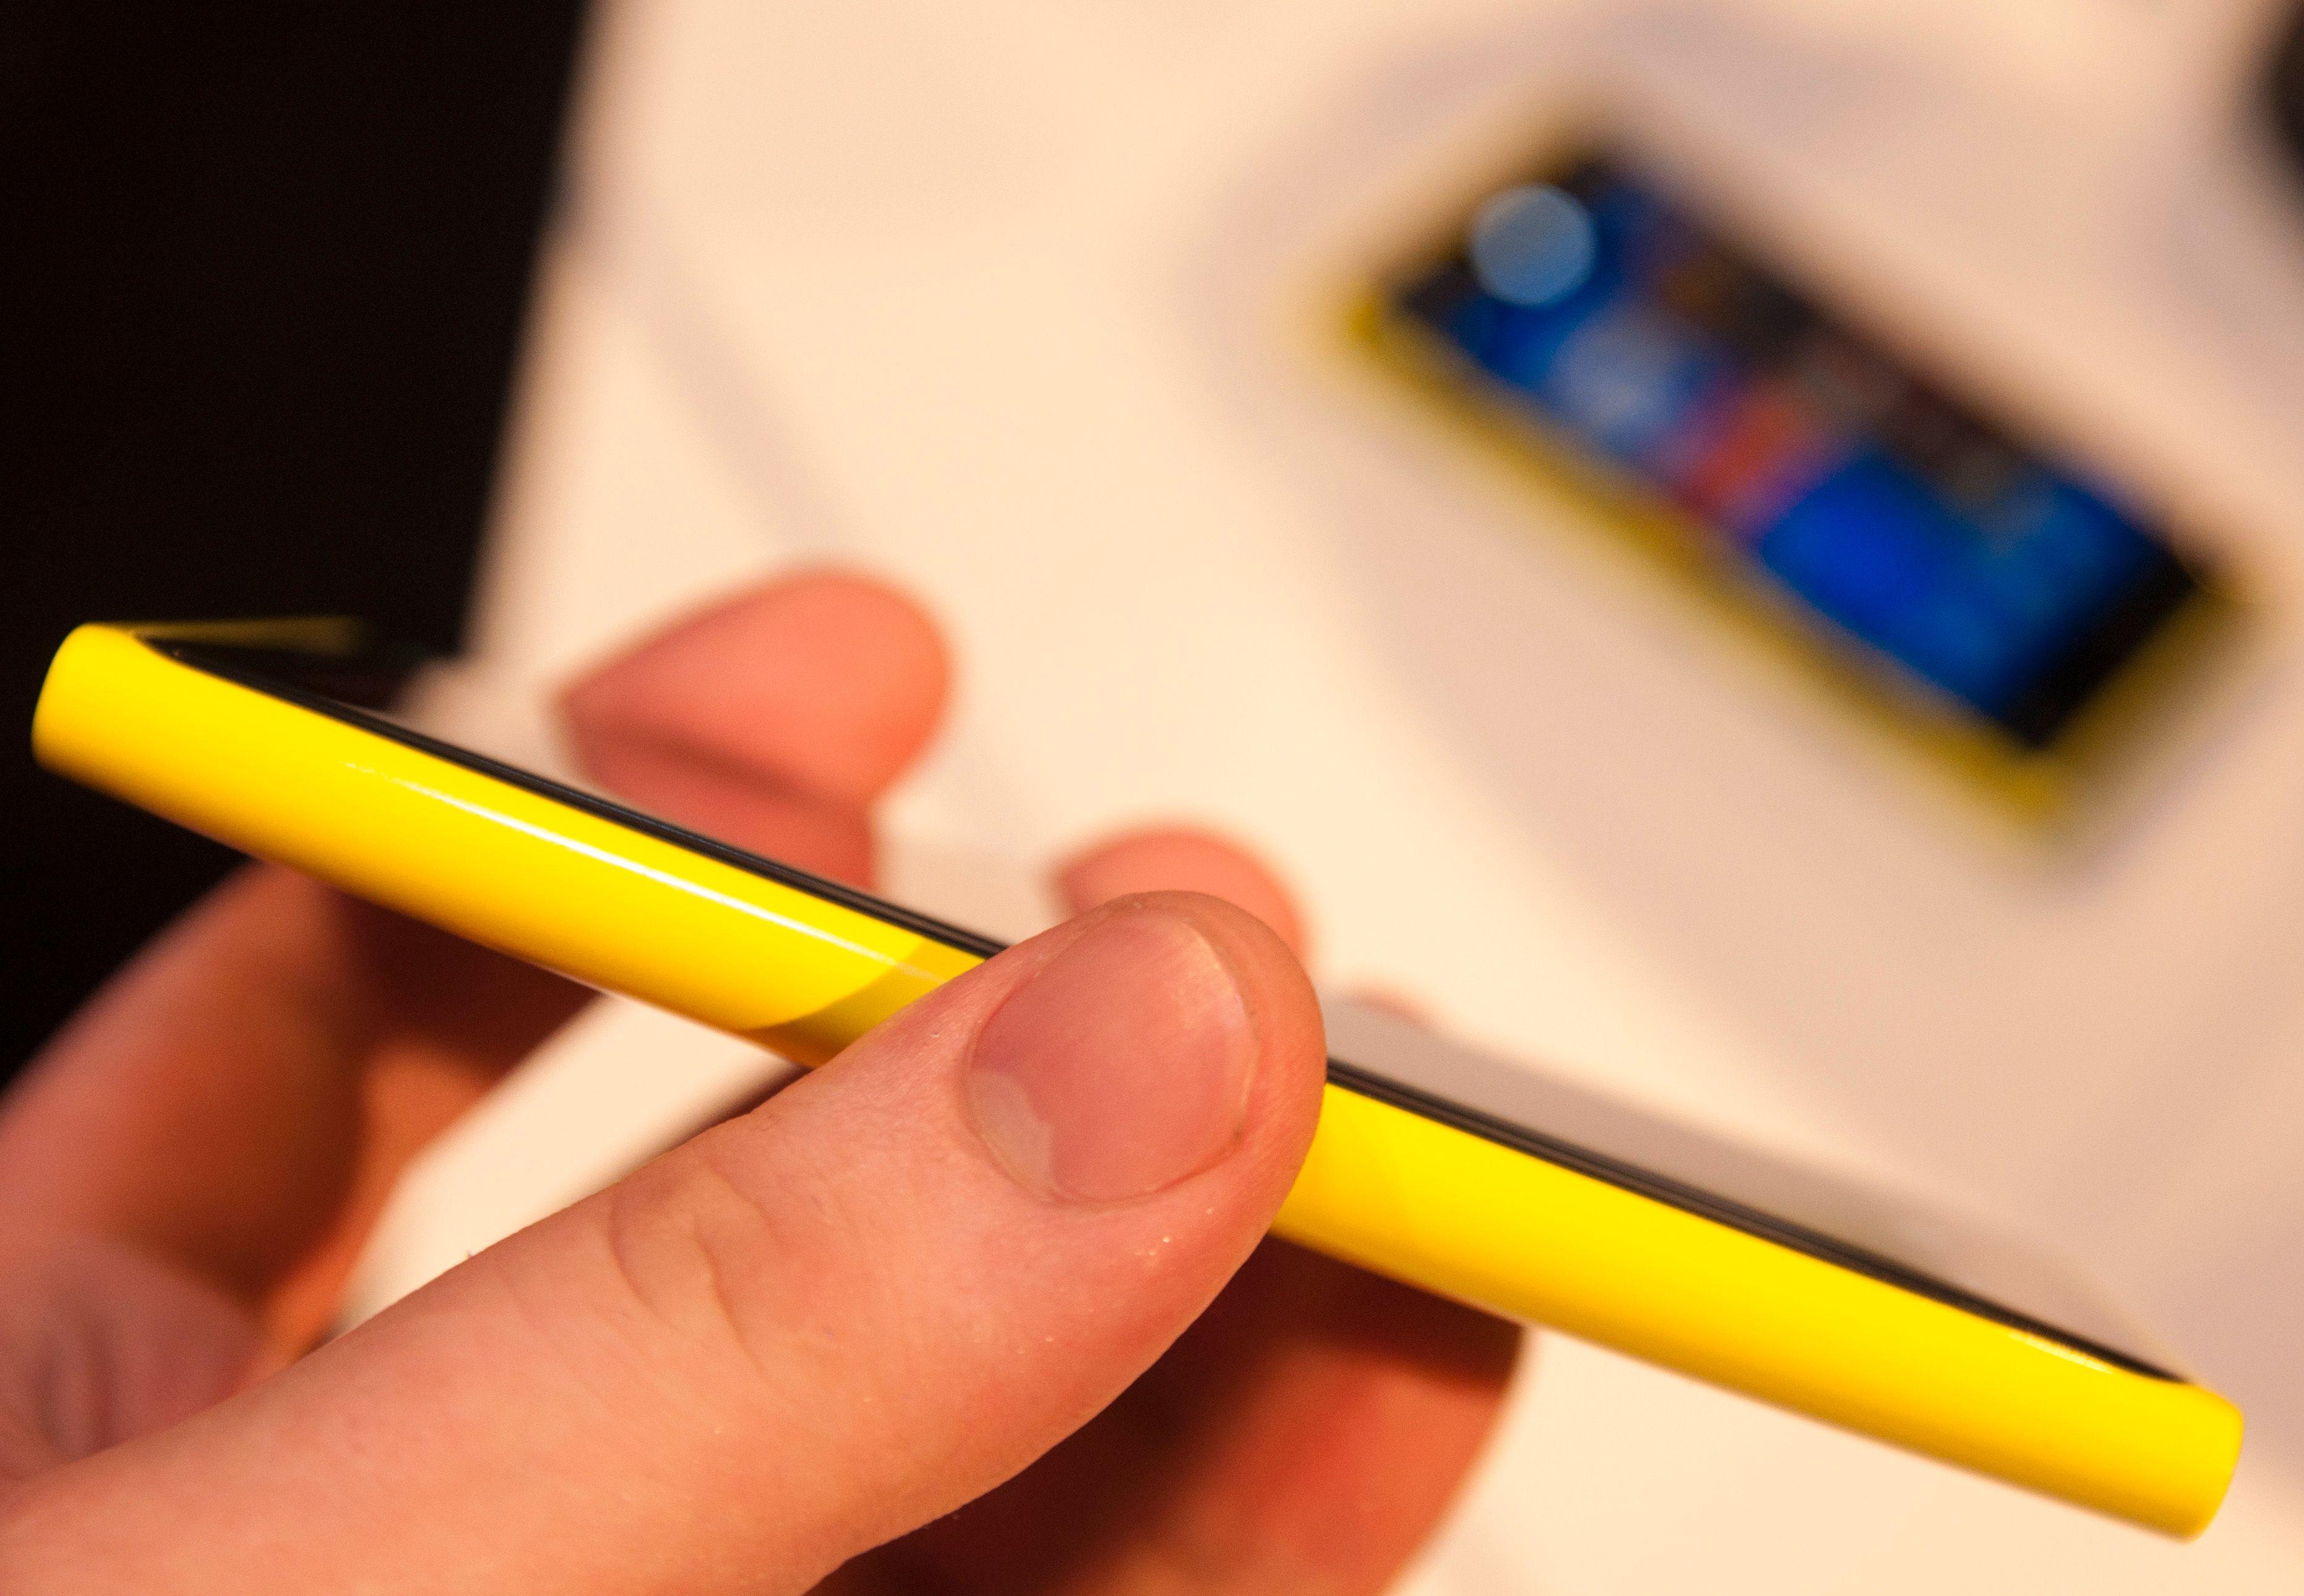 Akkurat som med de tidligere modellene er det knallfalger som gjelder med de nye. Telefonen ligger også svært godt i hånden.